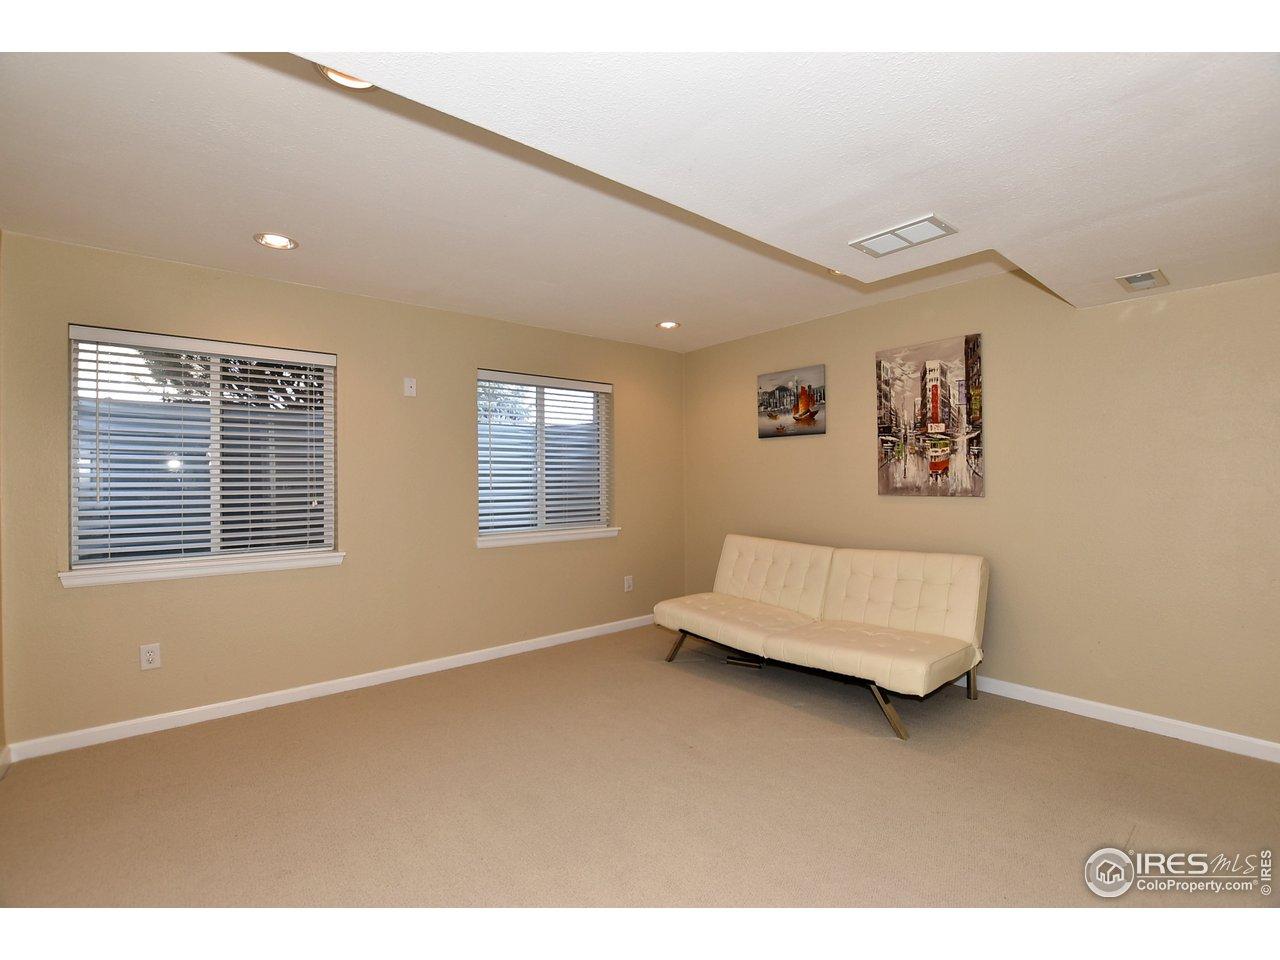 2nd Basement Flex Room